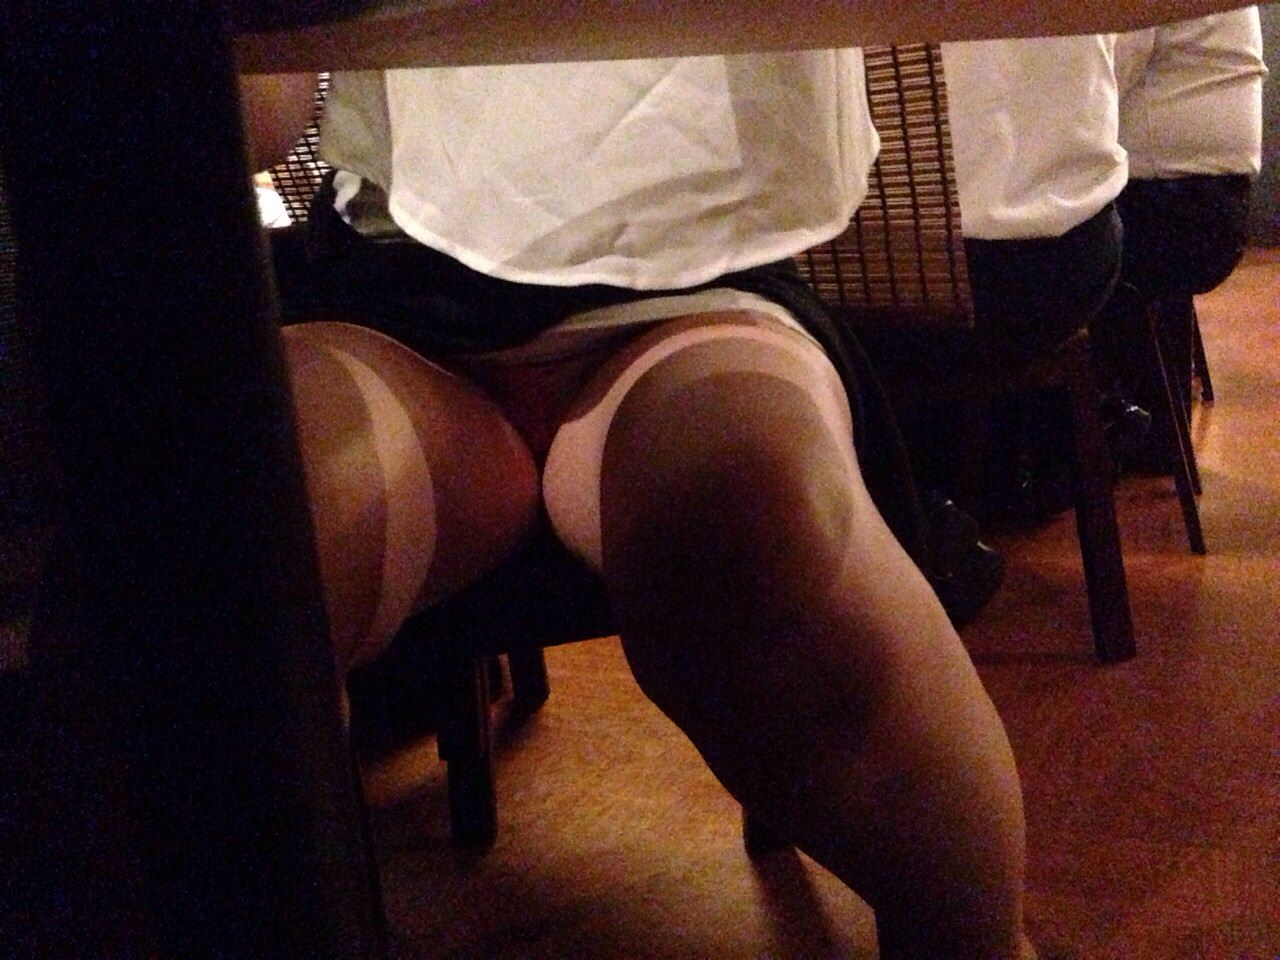 飲食店でパンチラをスマホ撮りwwwミニスカ女子は余裕すぎでしょwww 1189